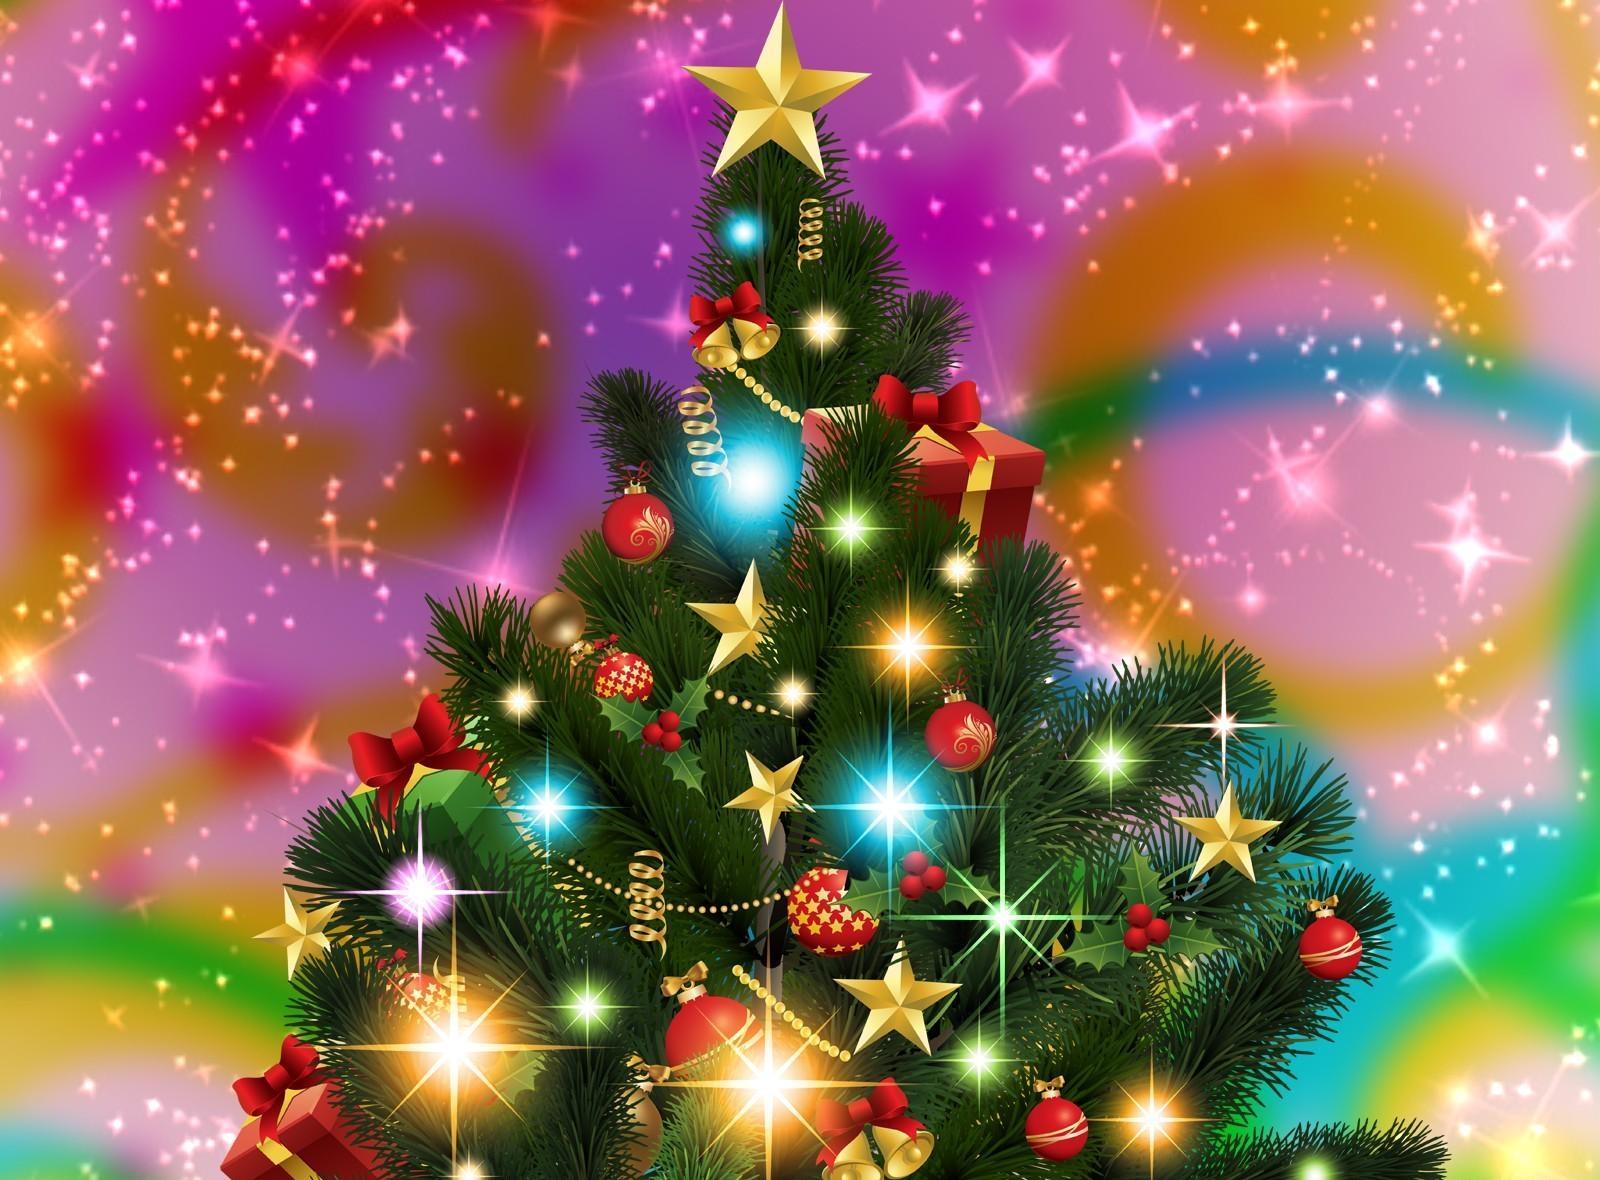 открытки красивые новогодние елки дома склоне имеет